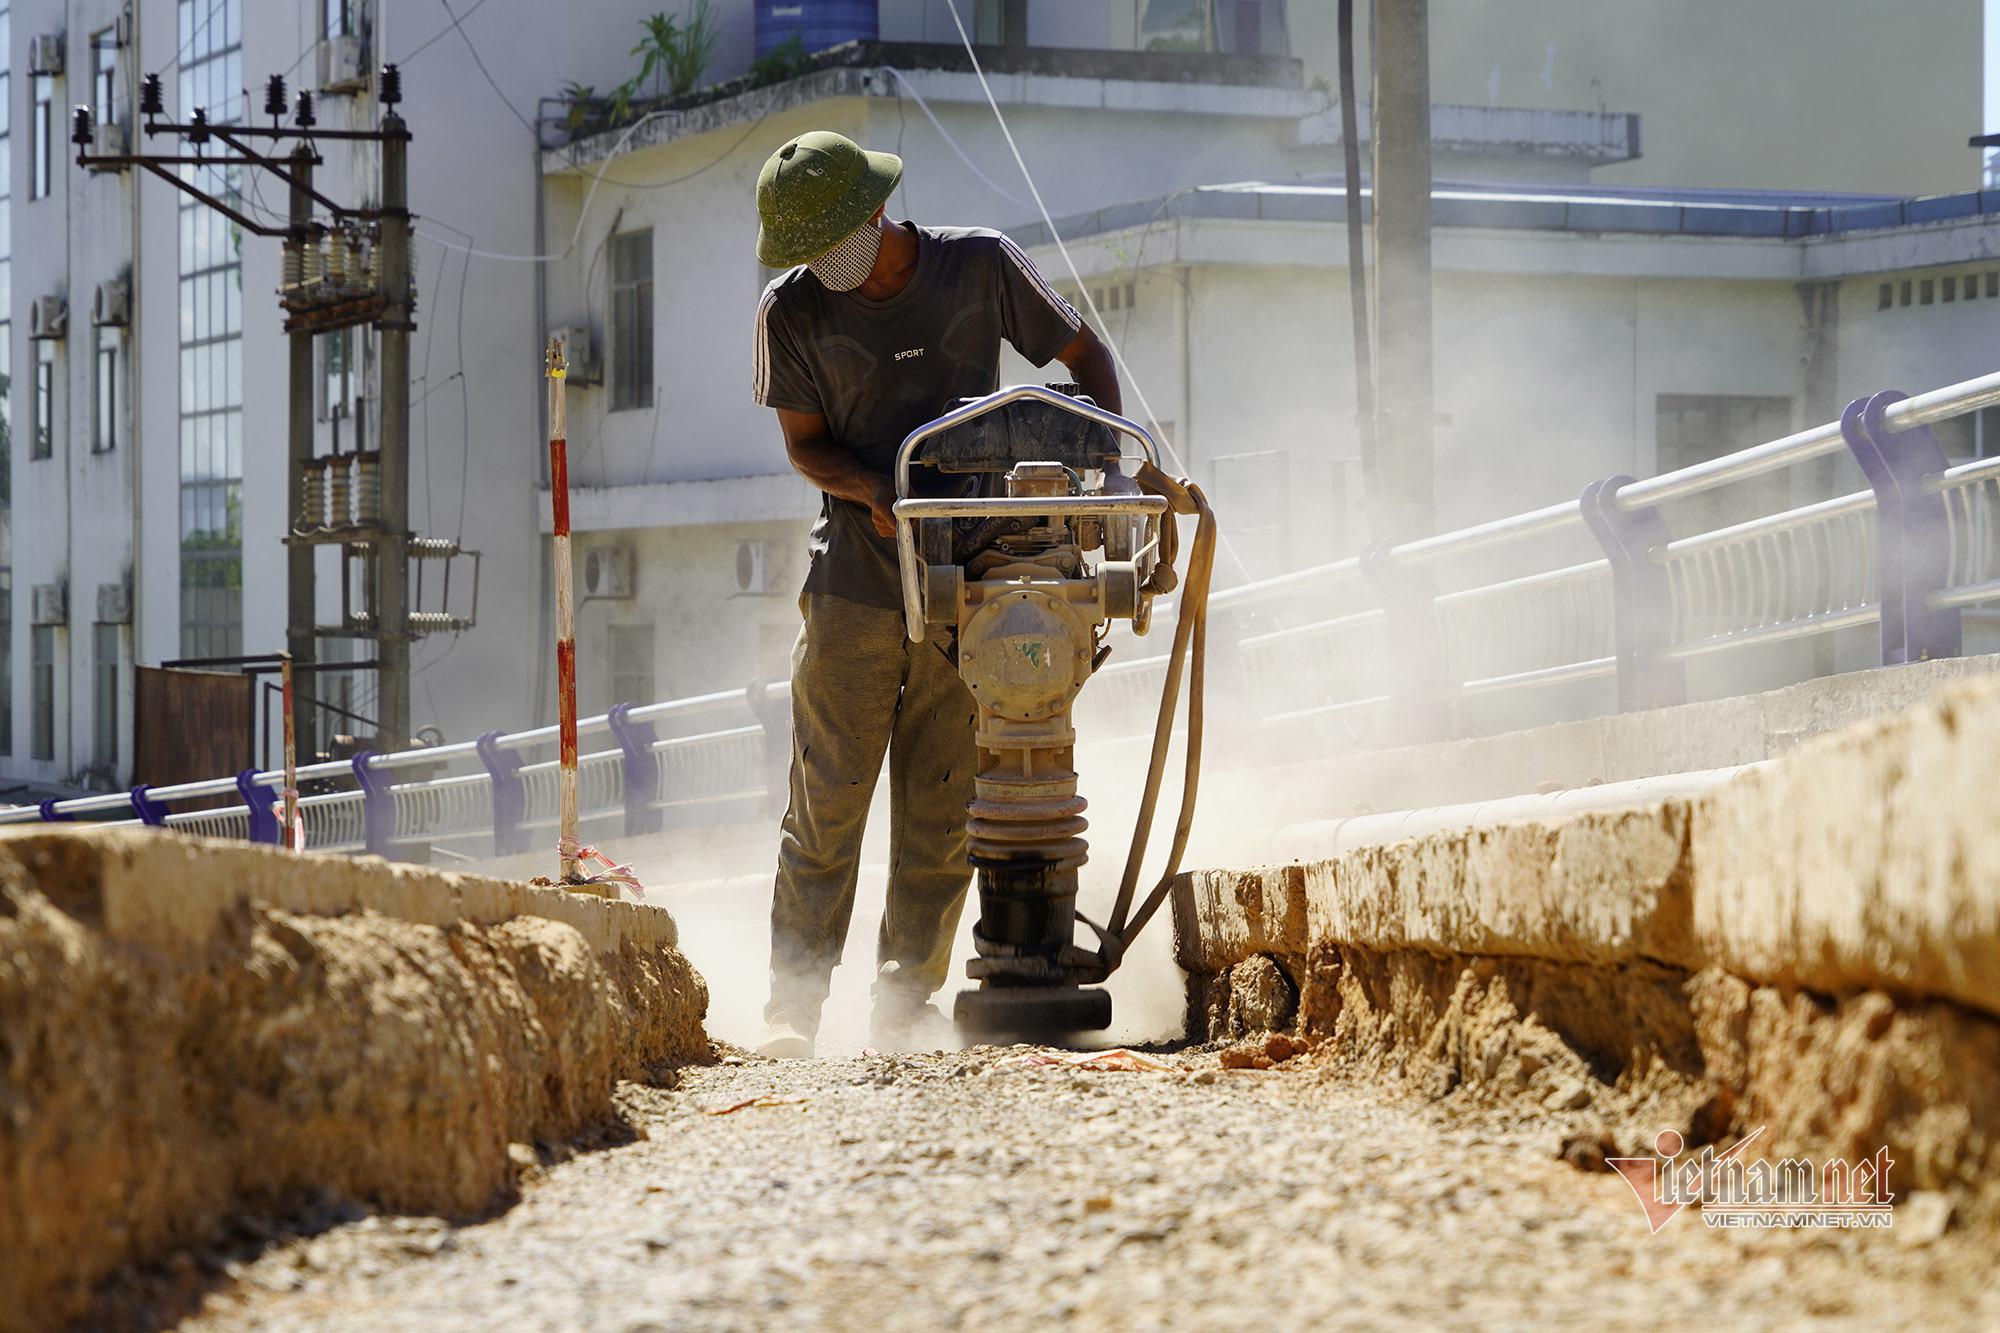 Quảng Ninh hỗ trợ 32 tỷ đồng cho người lao động gặp khó khăn vì dịch